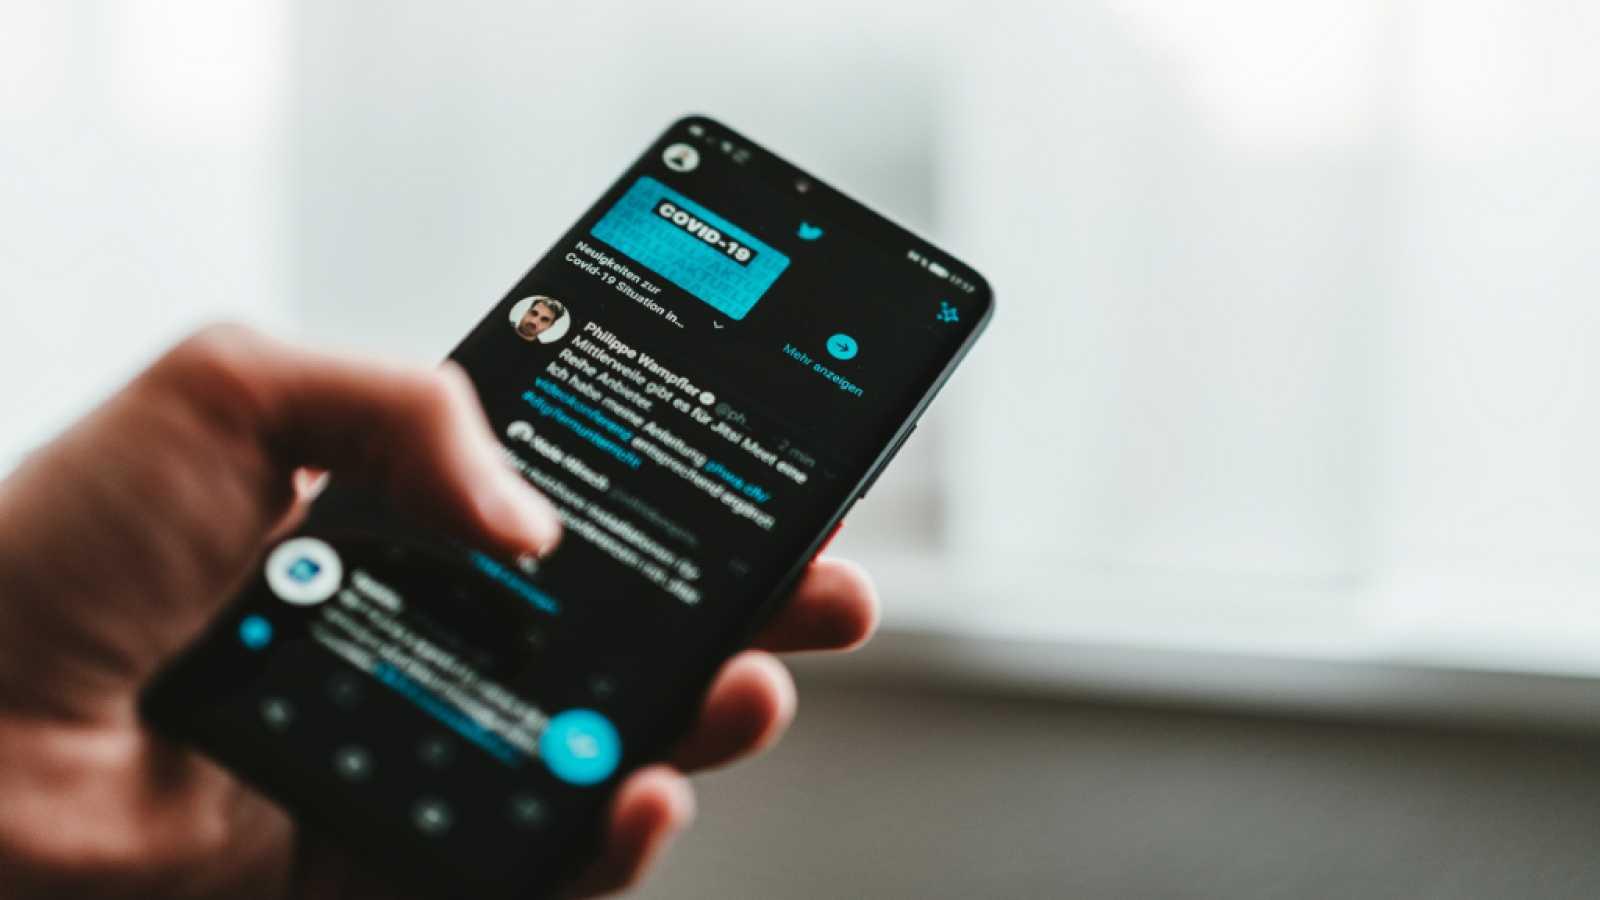 Twitter prepara una plataforma premium bajo suscripción